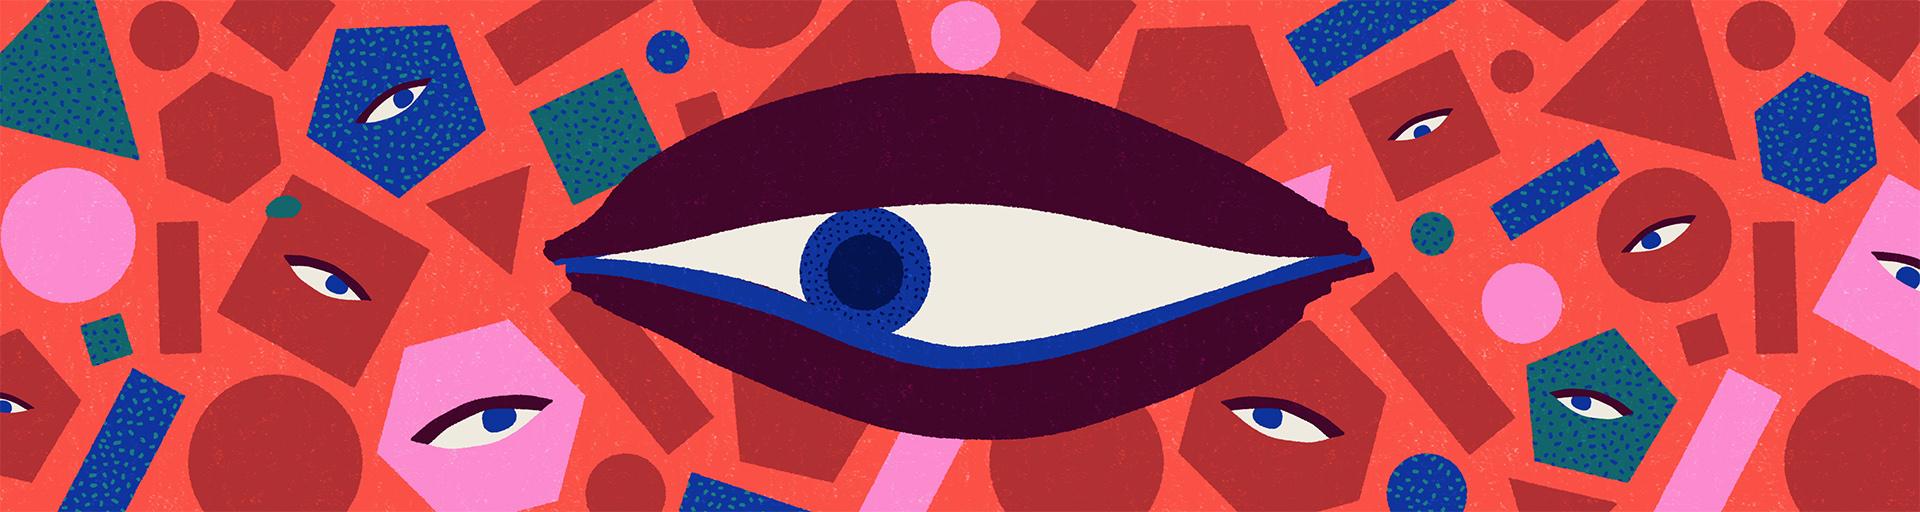 C Vision: Still 2